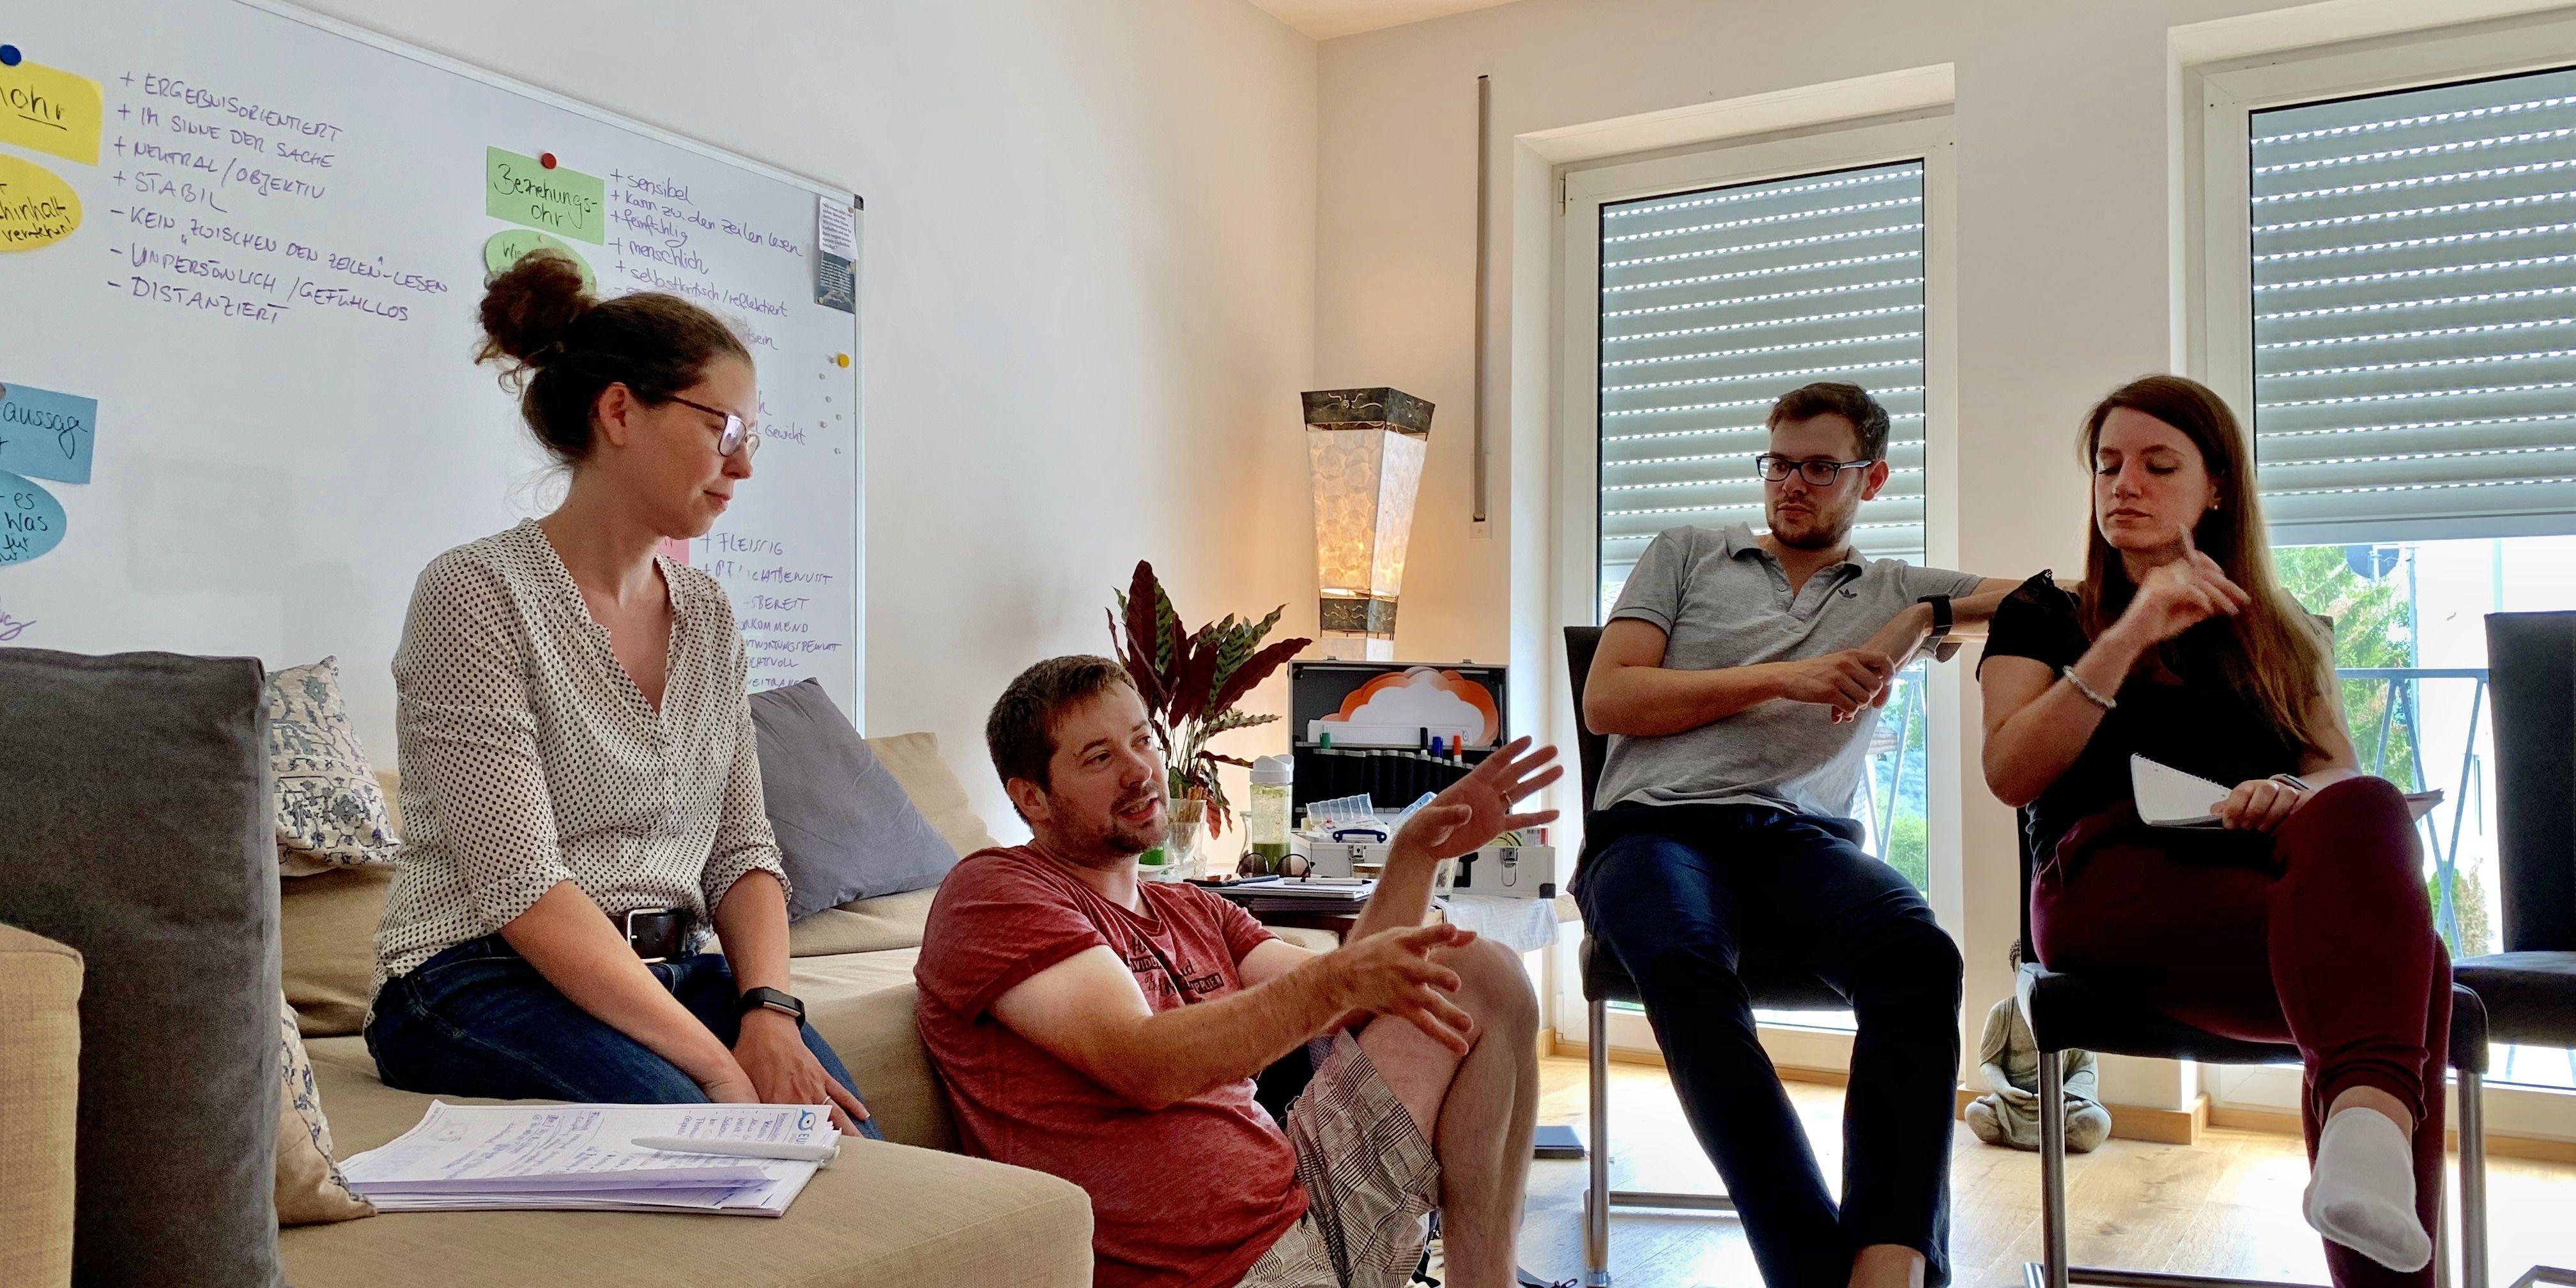 Diskussion beim Führungsworkshop